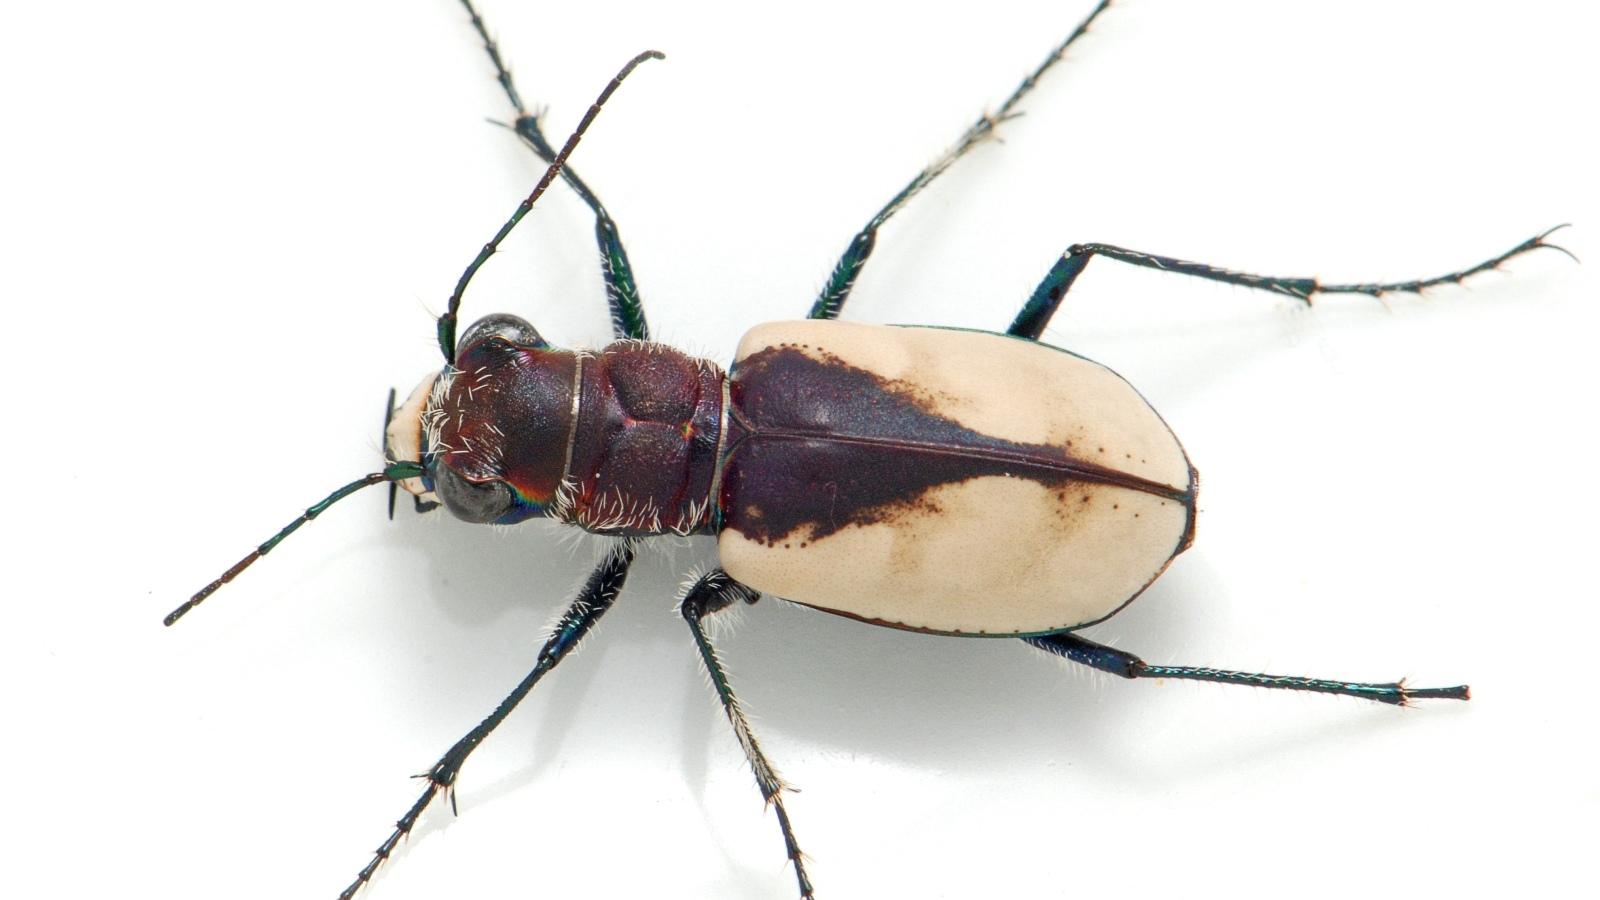 210705-gibsons-beetle-teaser.jpg